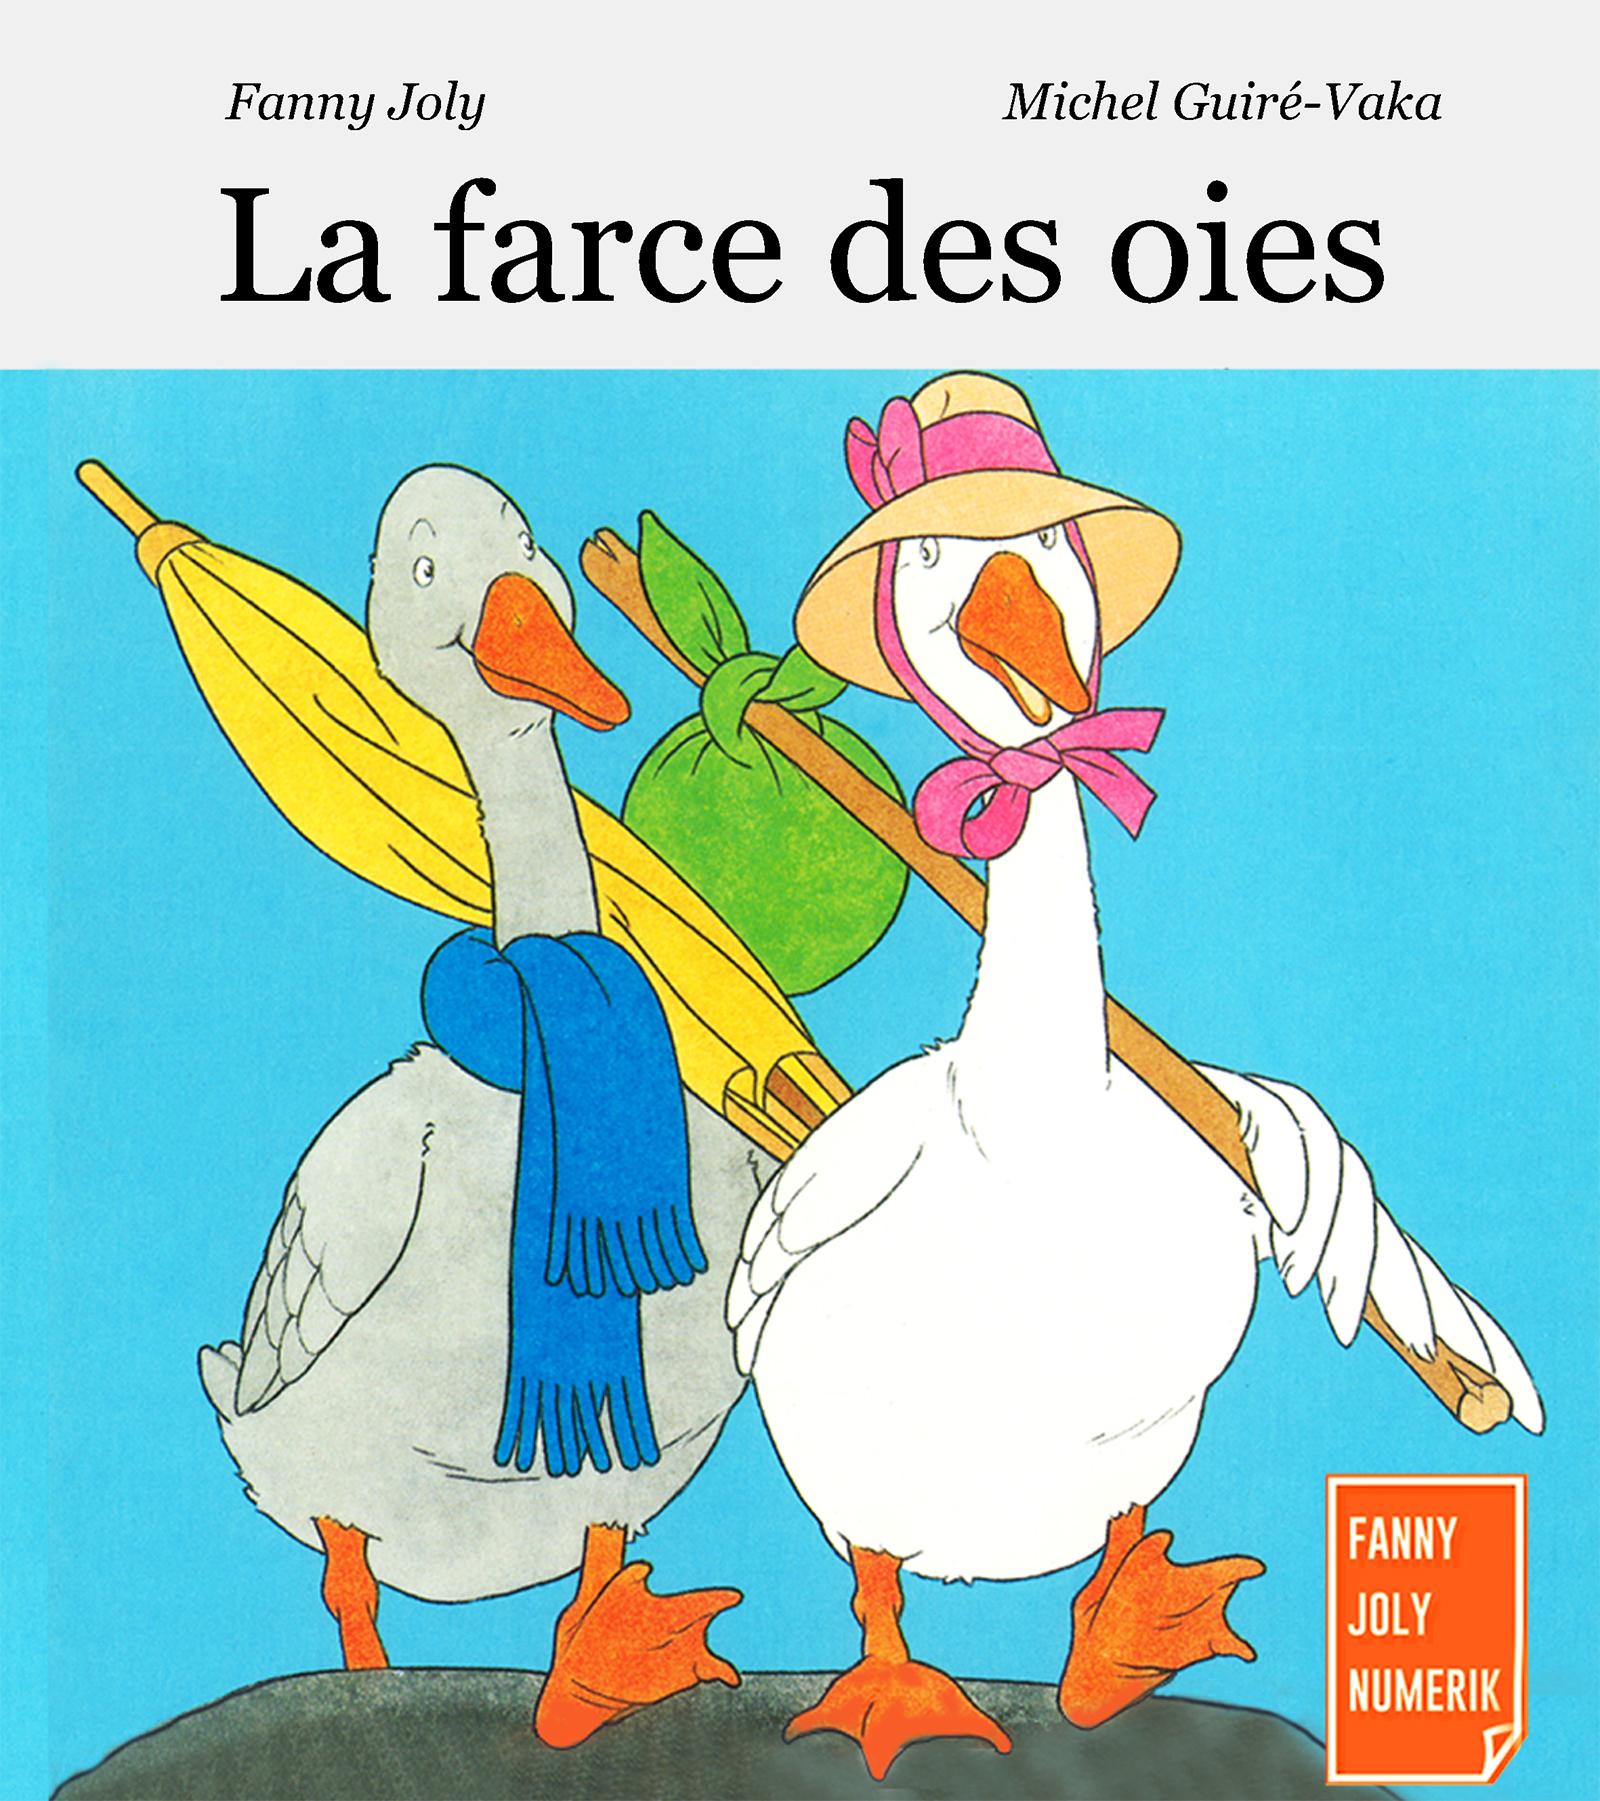 La farce des oies, Un livre illustré pour les enfants de 3 à 5 ans